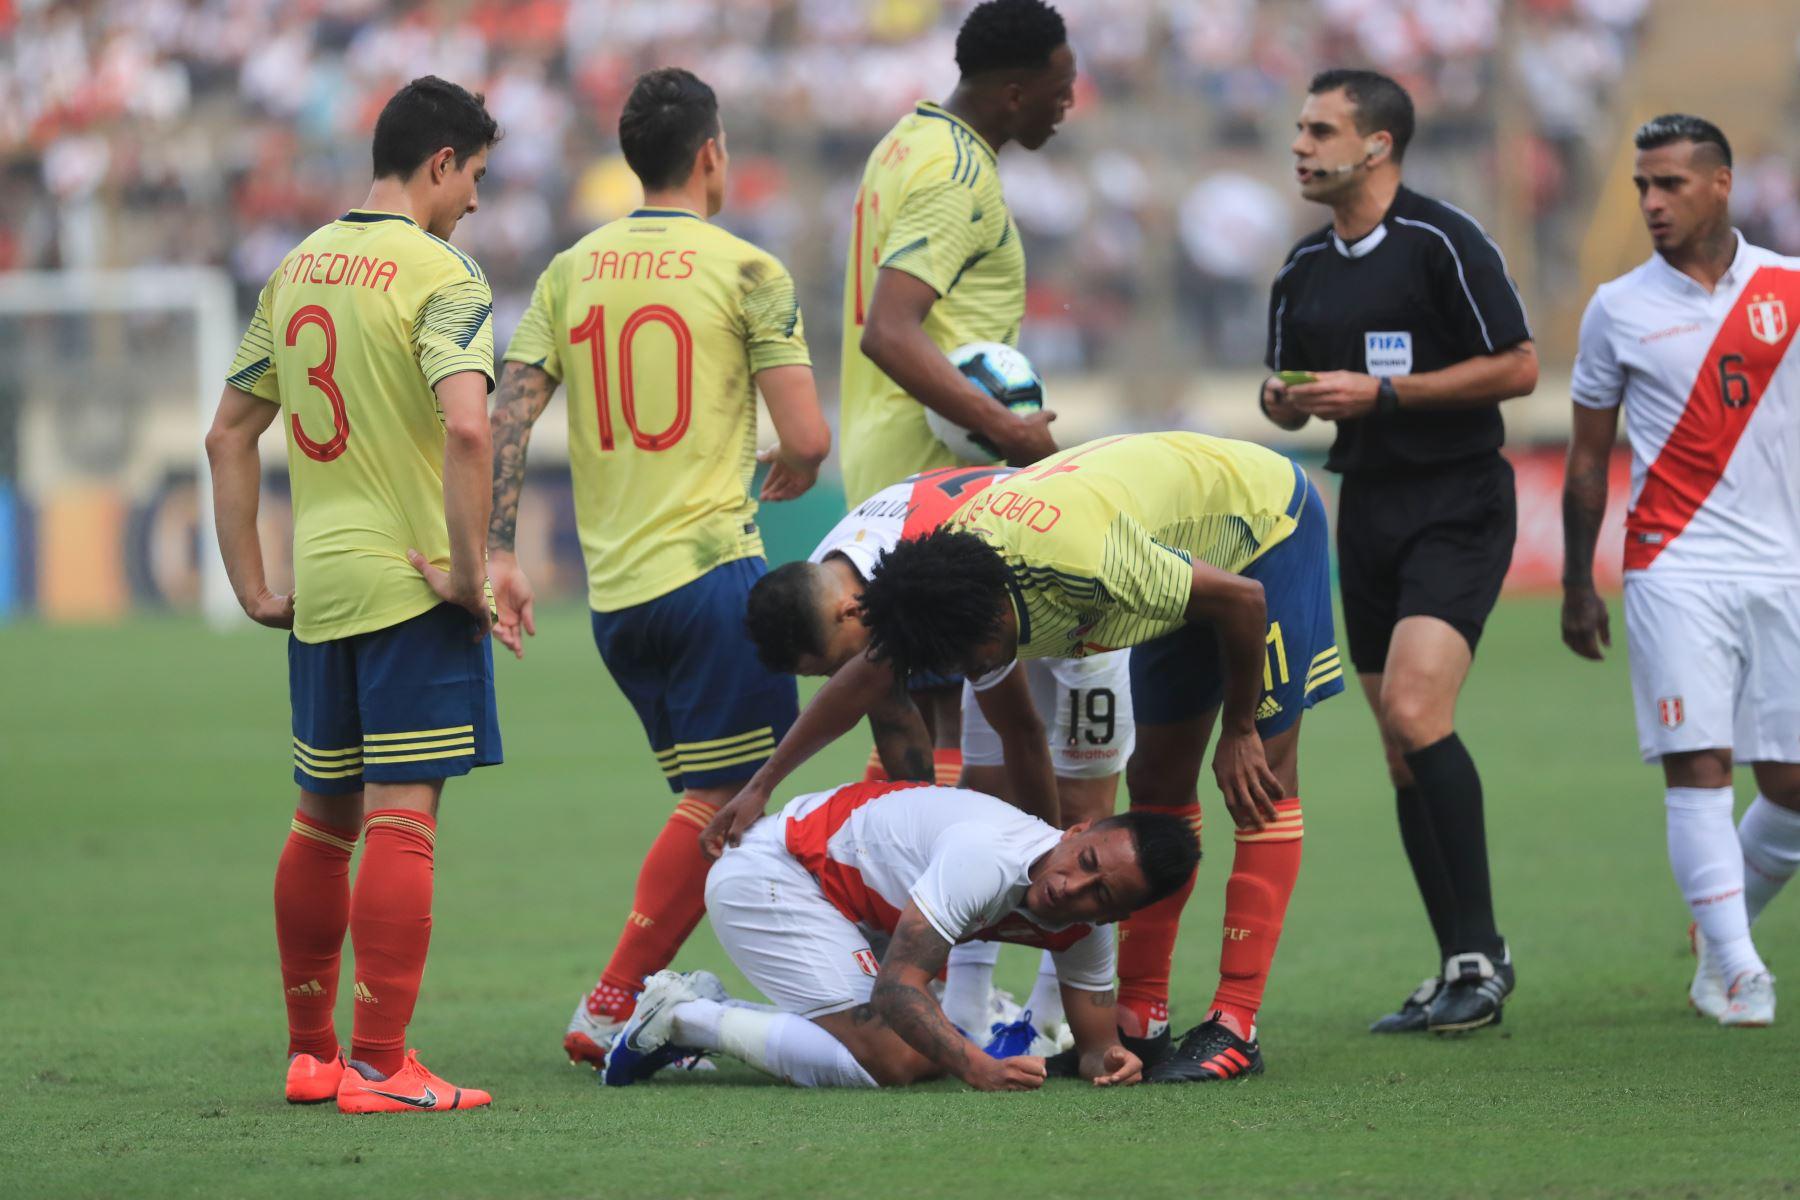 Perú perdió 3-0 con Colombia en su último amistoso con miras a la Copa América  Foto: ANDINA/Juan Carlos Guzmán Negrini.